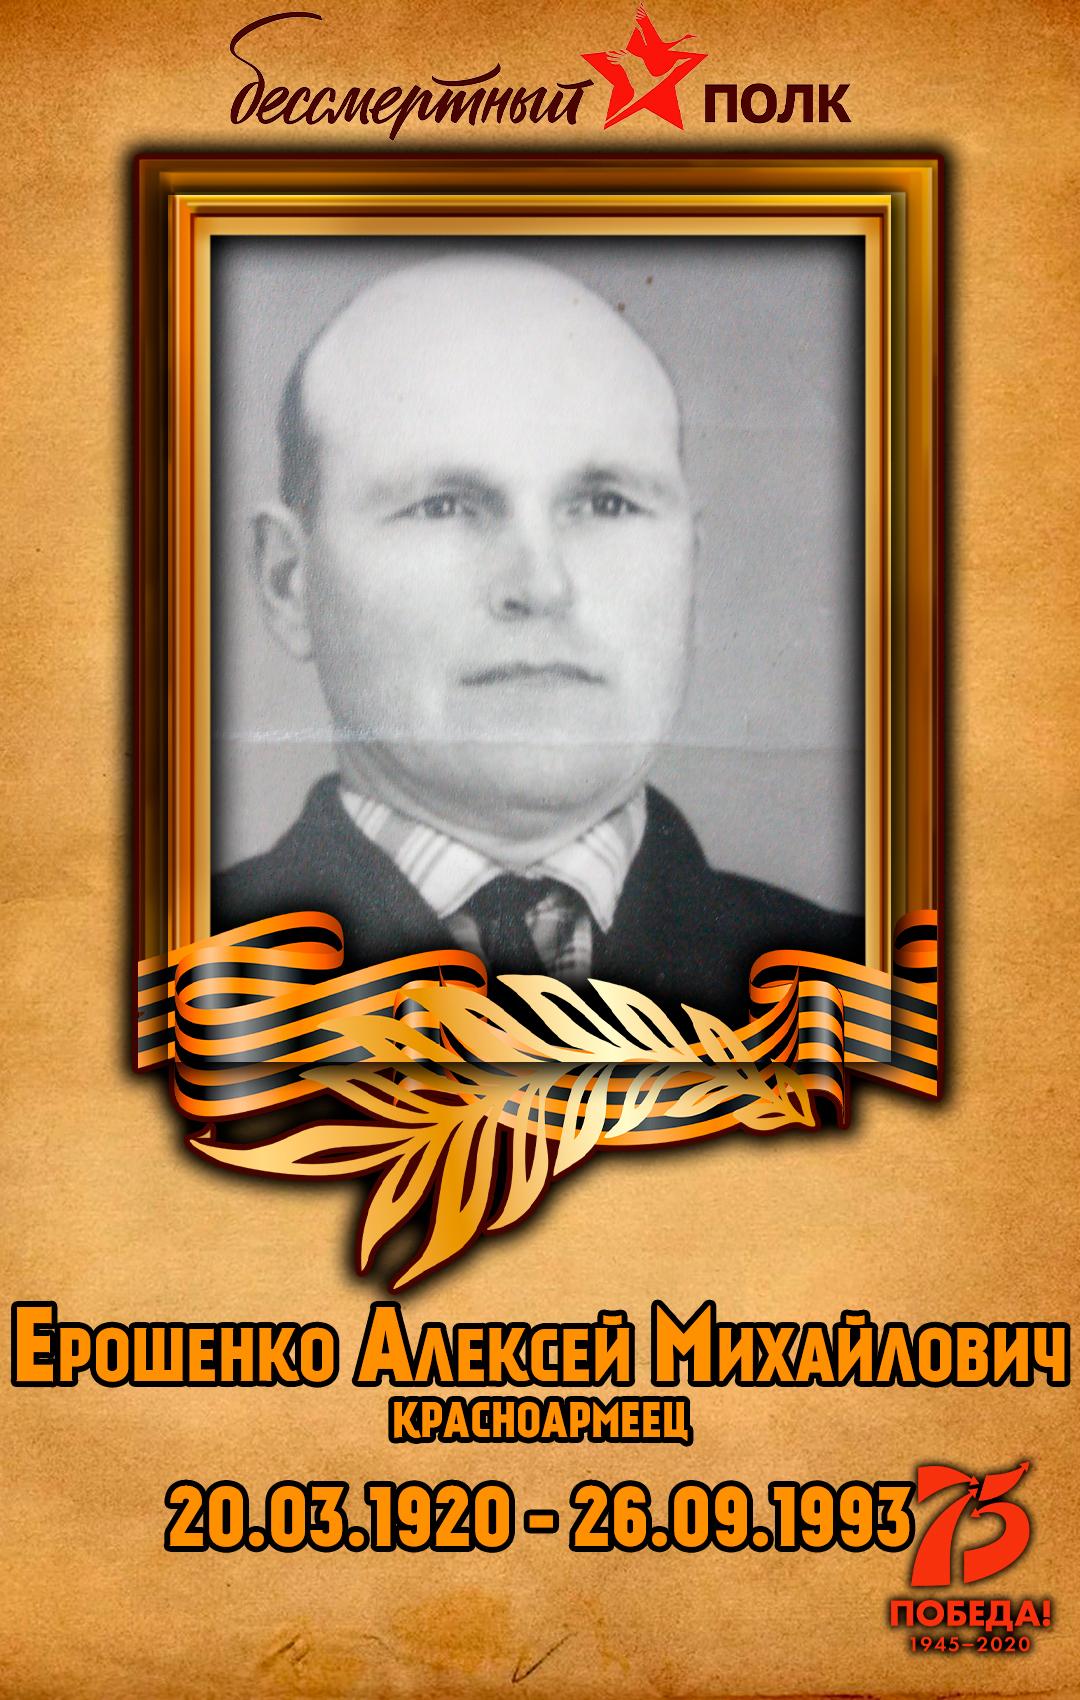 Ерошенко-Алексей-Михайлович